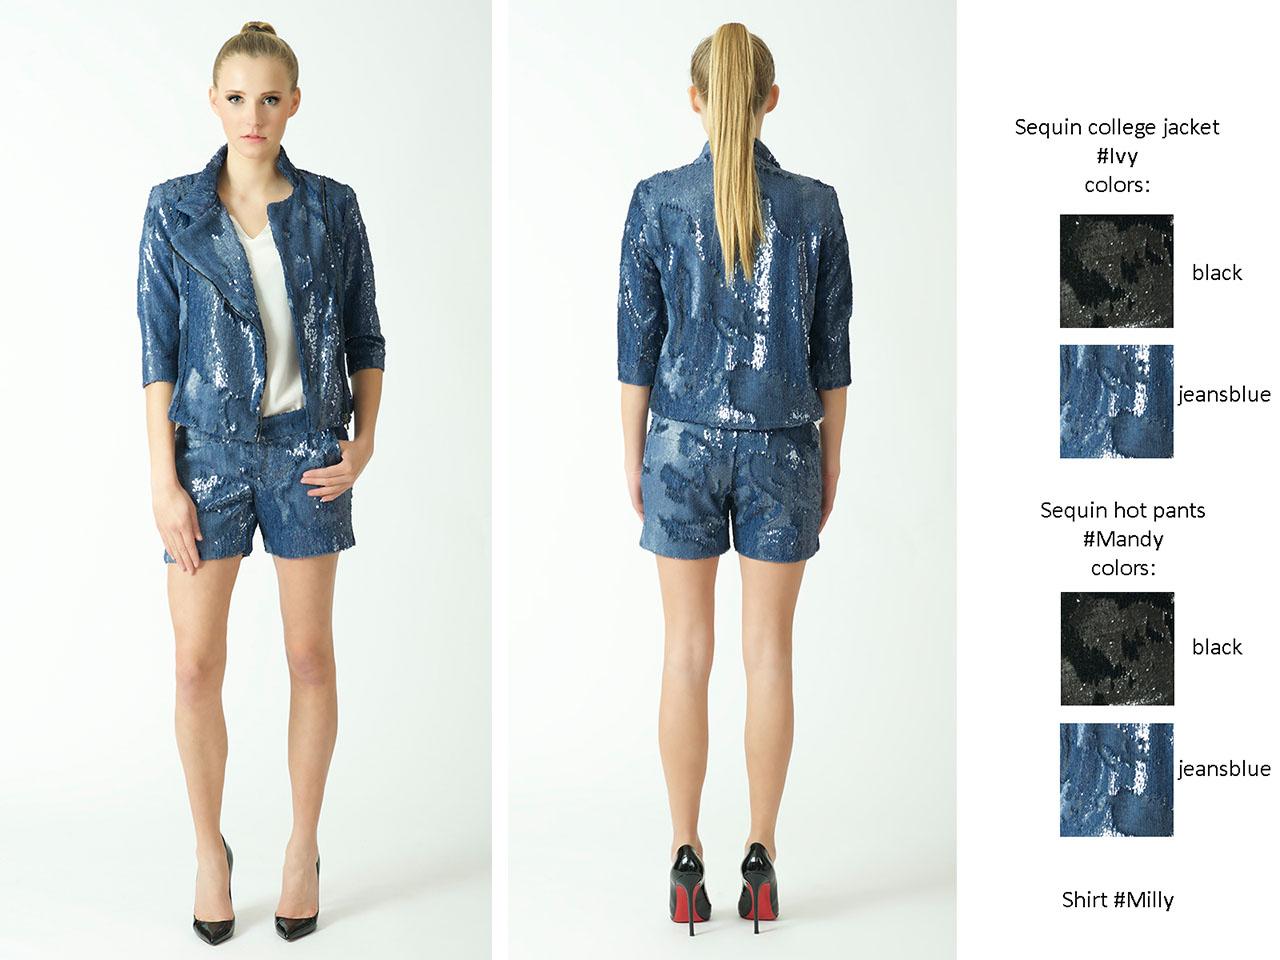 Gracemaier_Lookbook_Daywear_fw15_Seite_02_Bild_0001